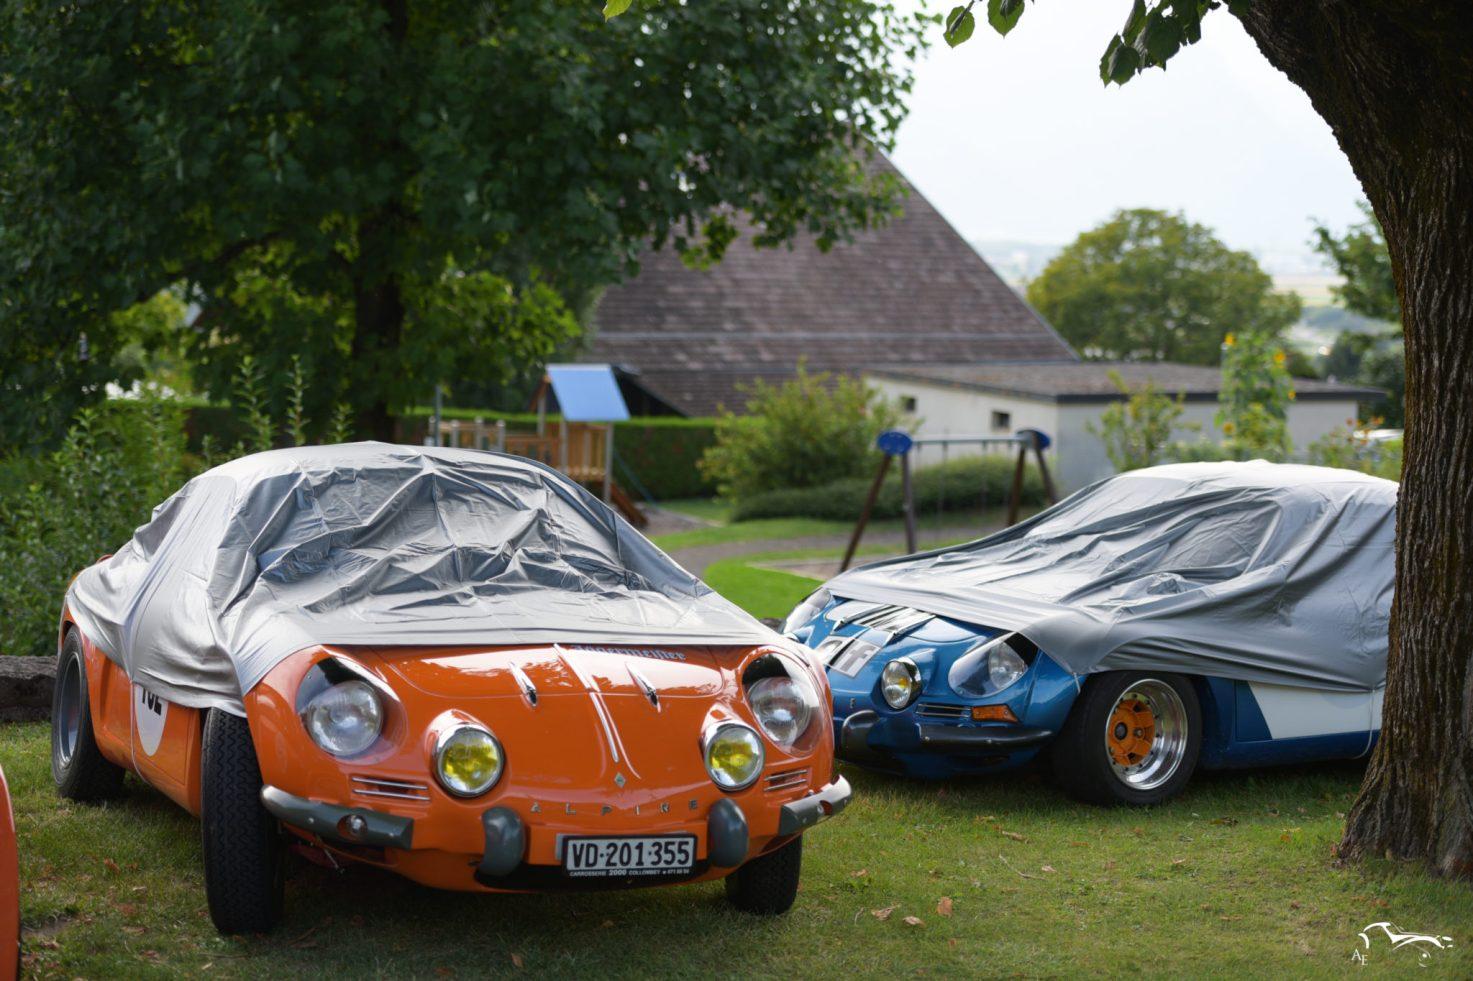 Alpine Renault A110 1296 cc 1968 & Alpine A110 1296 cc 1970